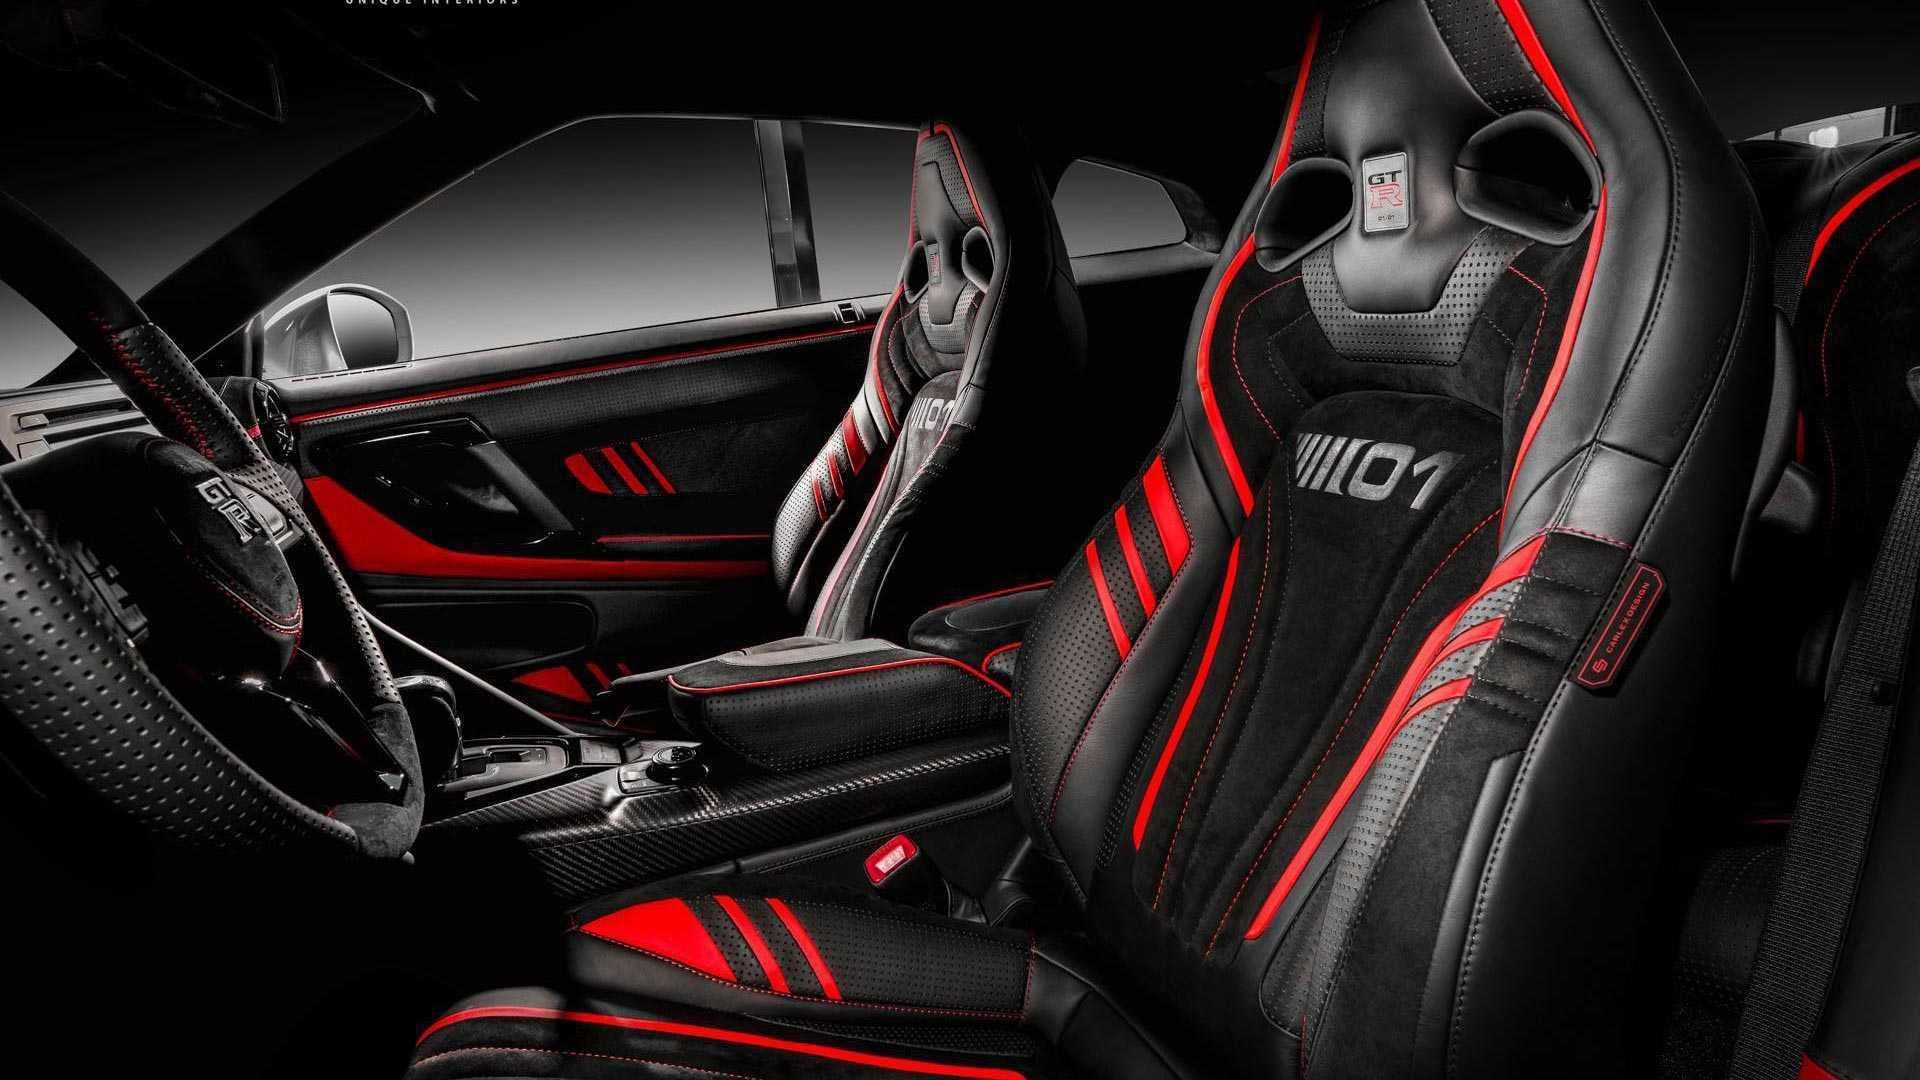 Nissan Gtr Interior >> Nissan Gt R Gets Vibrant Custom Interior From Carlex Design